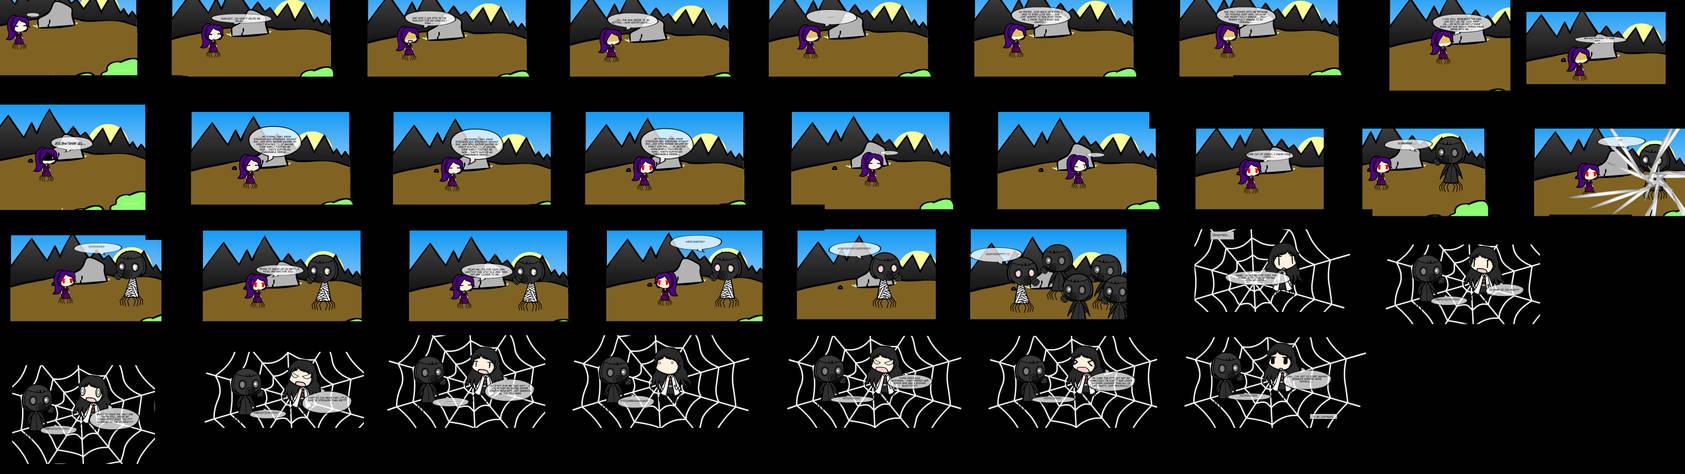 TWOC chapter 26, Breaker spider queen